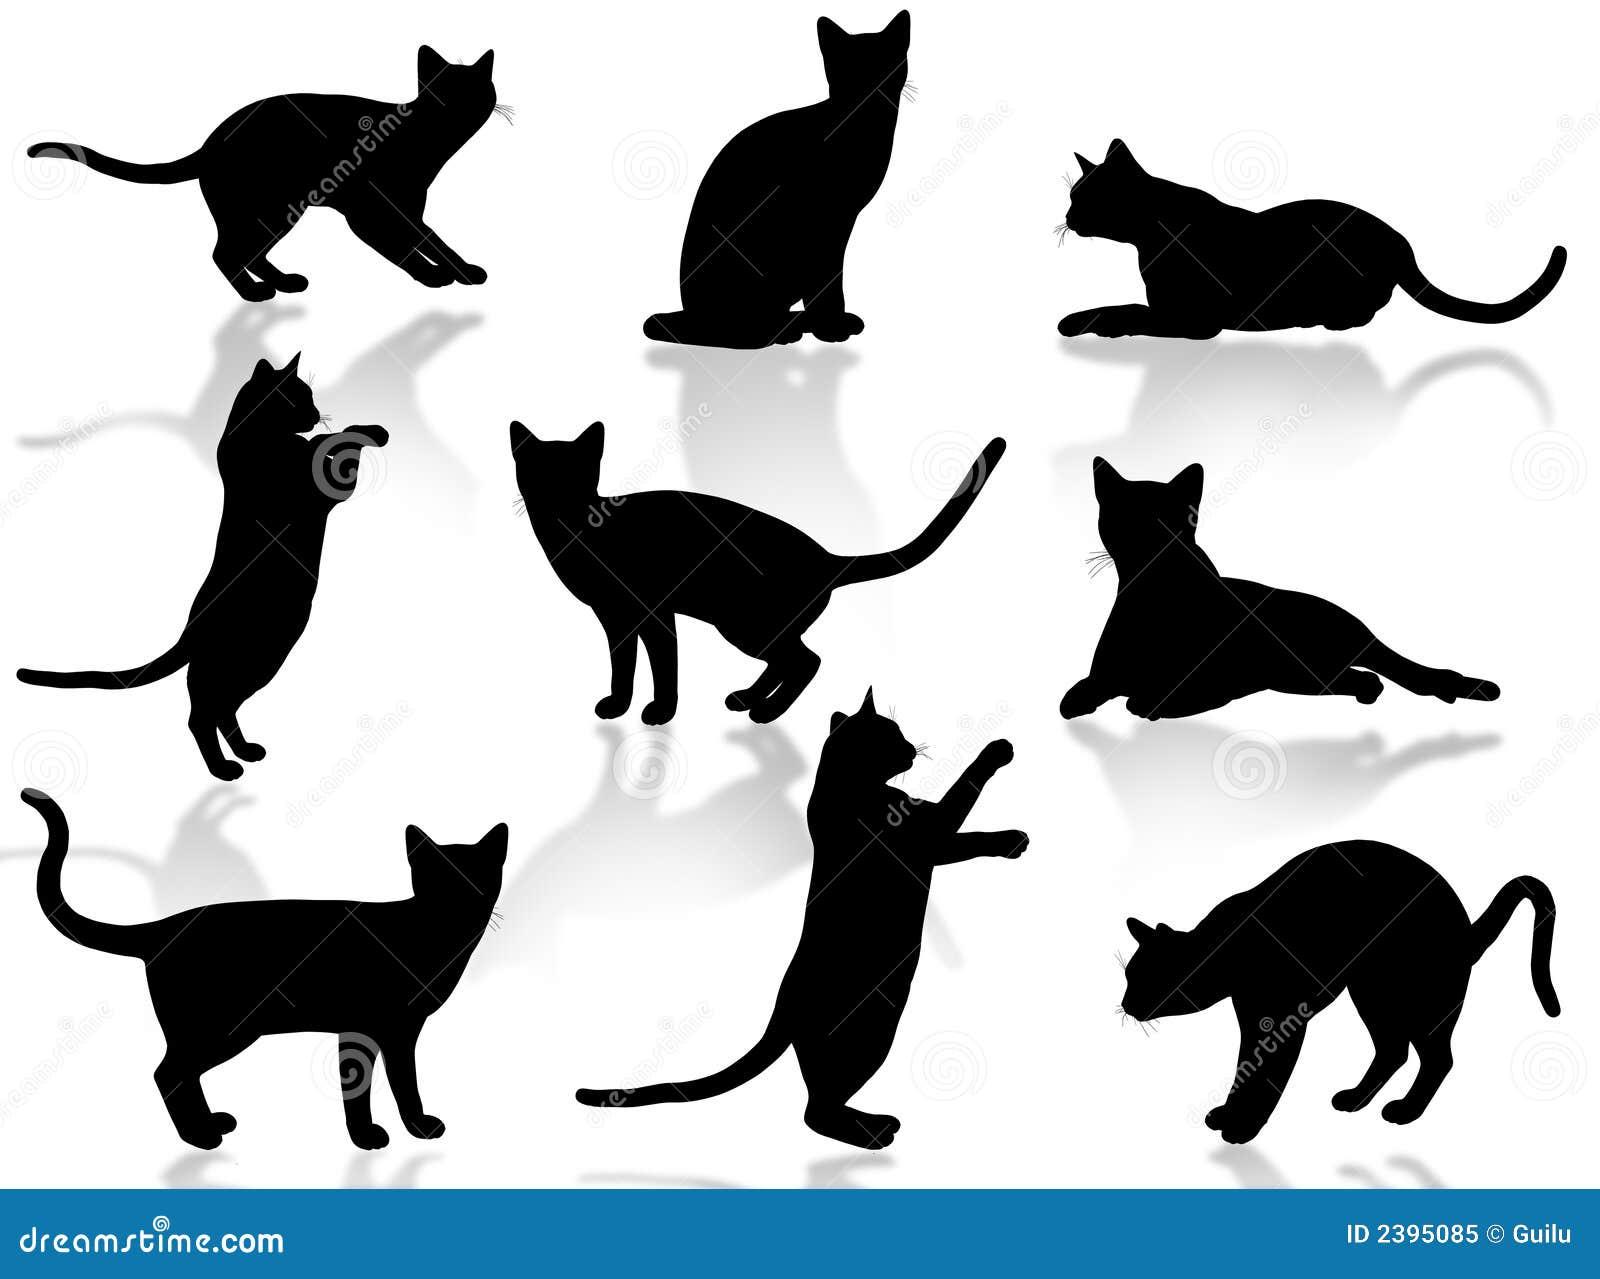 Silueta de los gatos